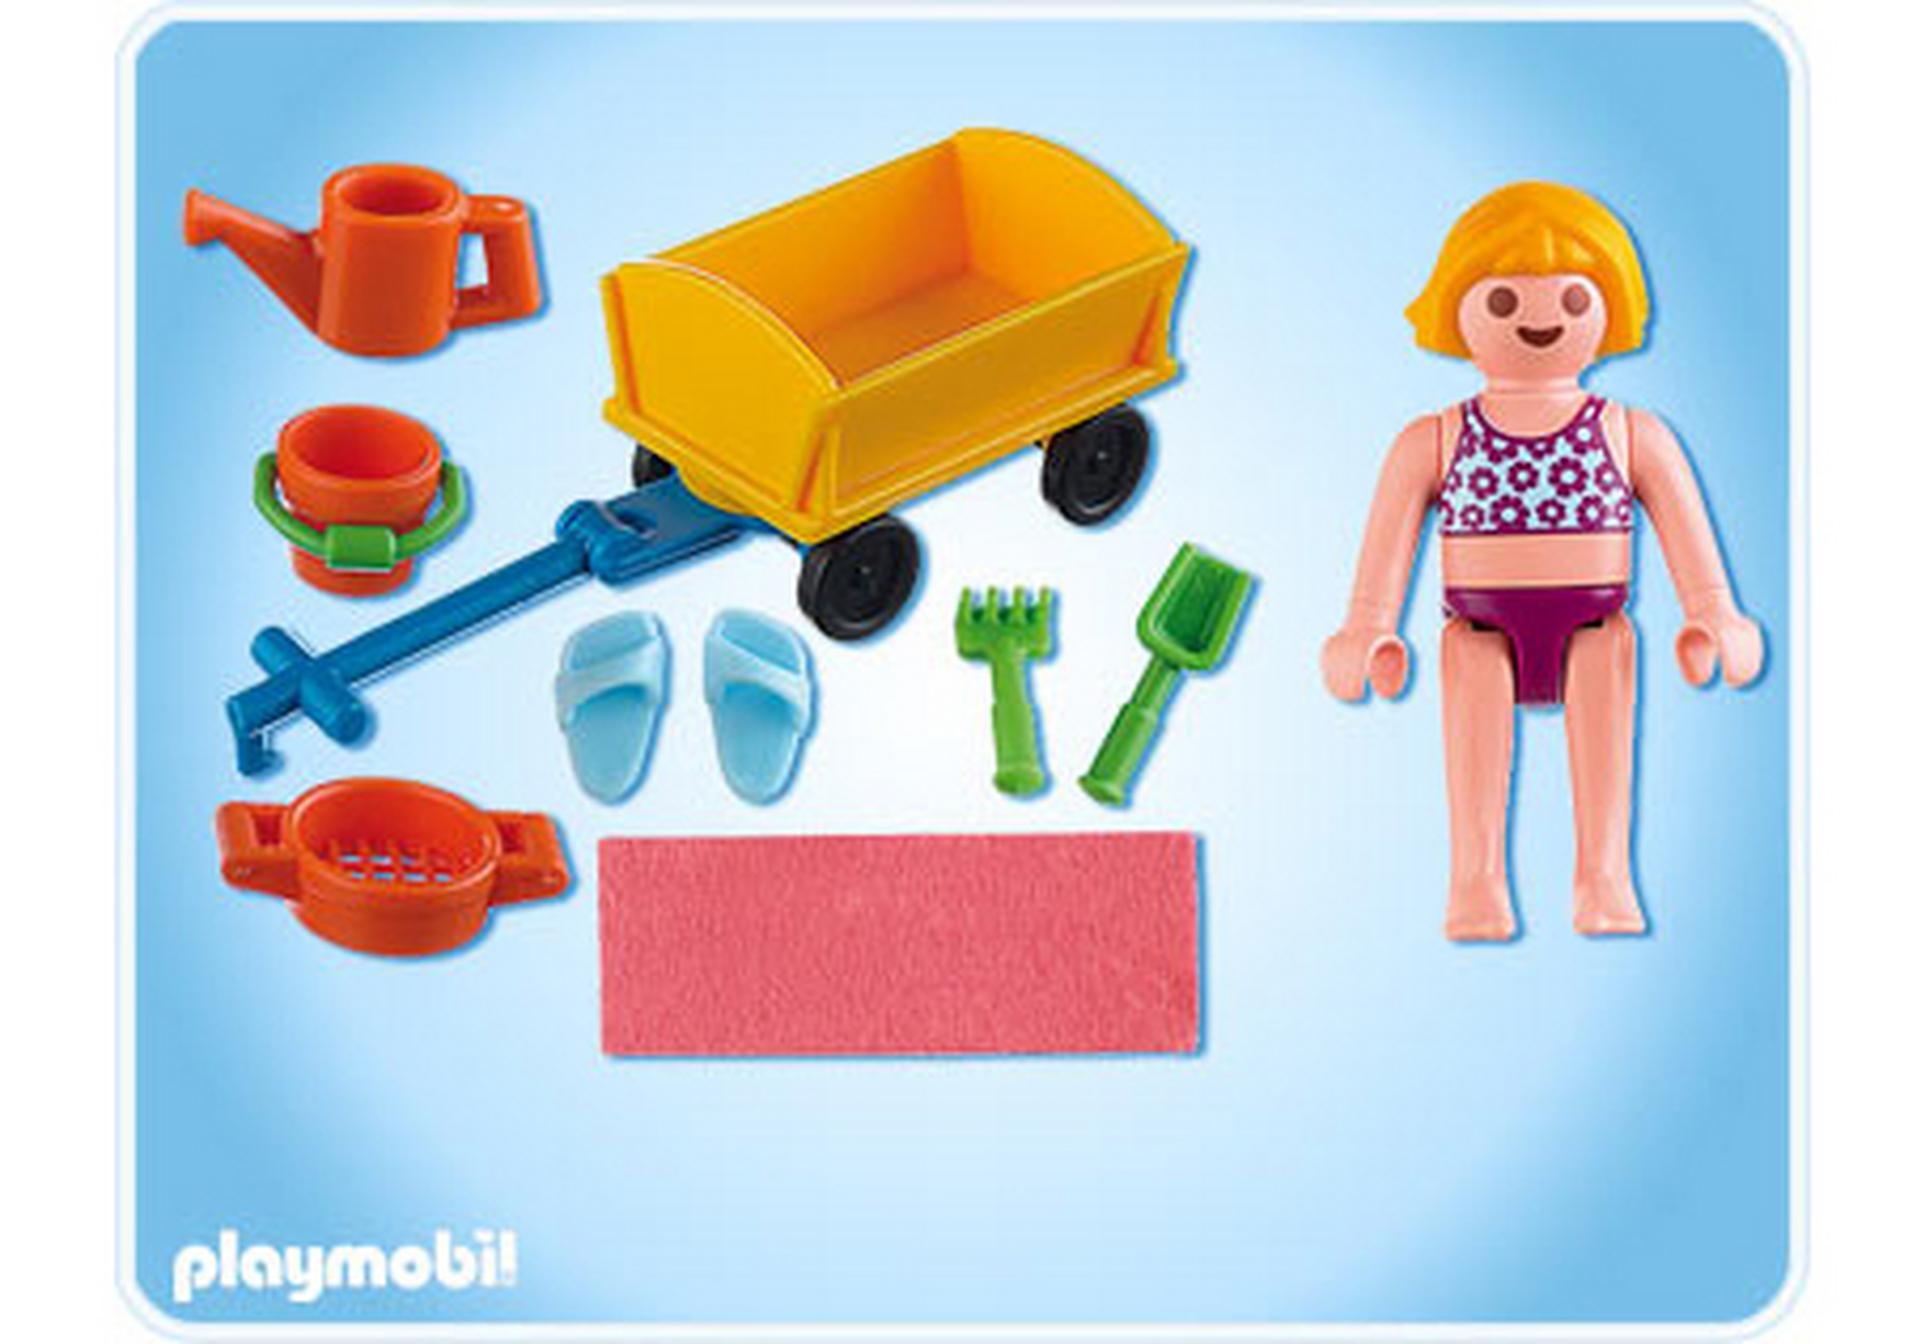 enfant avec jeux de plage 4755 a playmobil suisse. Black Bedroom Furniture Sets. Home Design Ideas